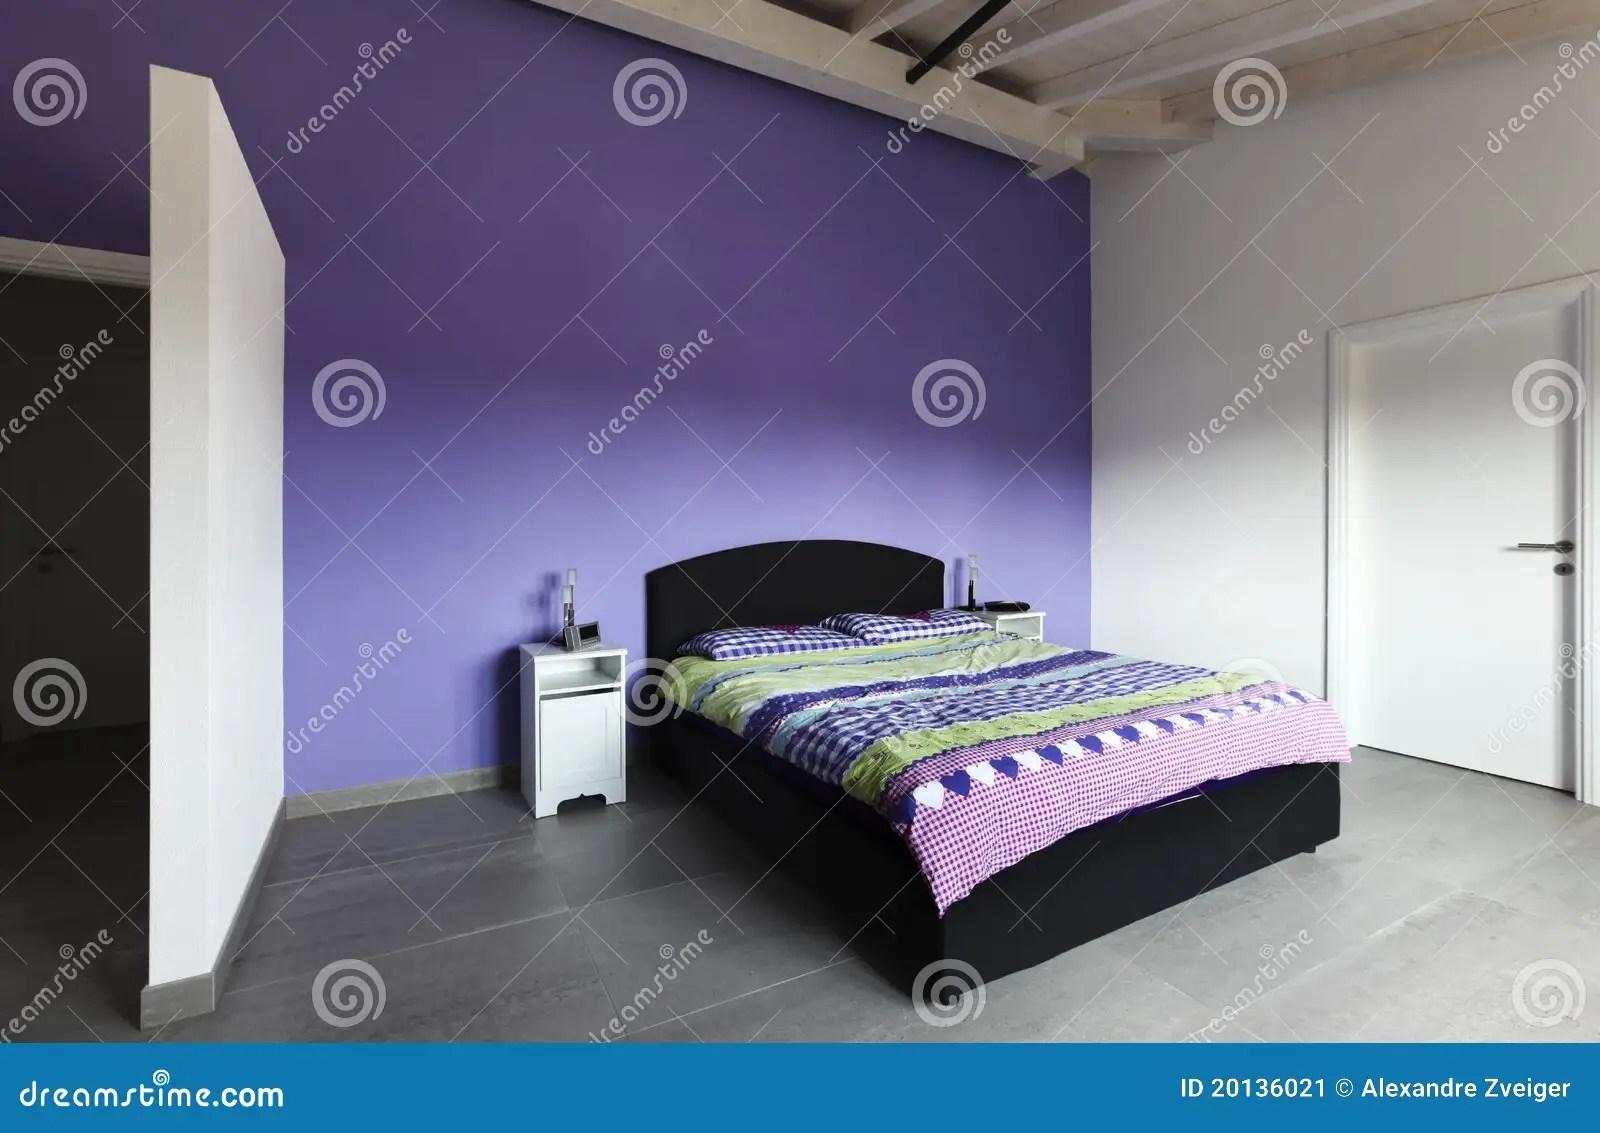 Camere Da Letto Viola : Camera da letto viola luxor: camere da letto reggio calabria camere